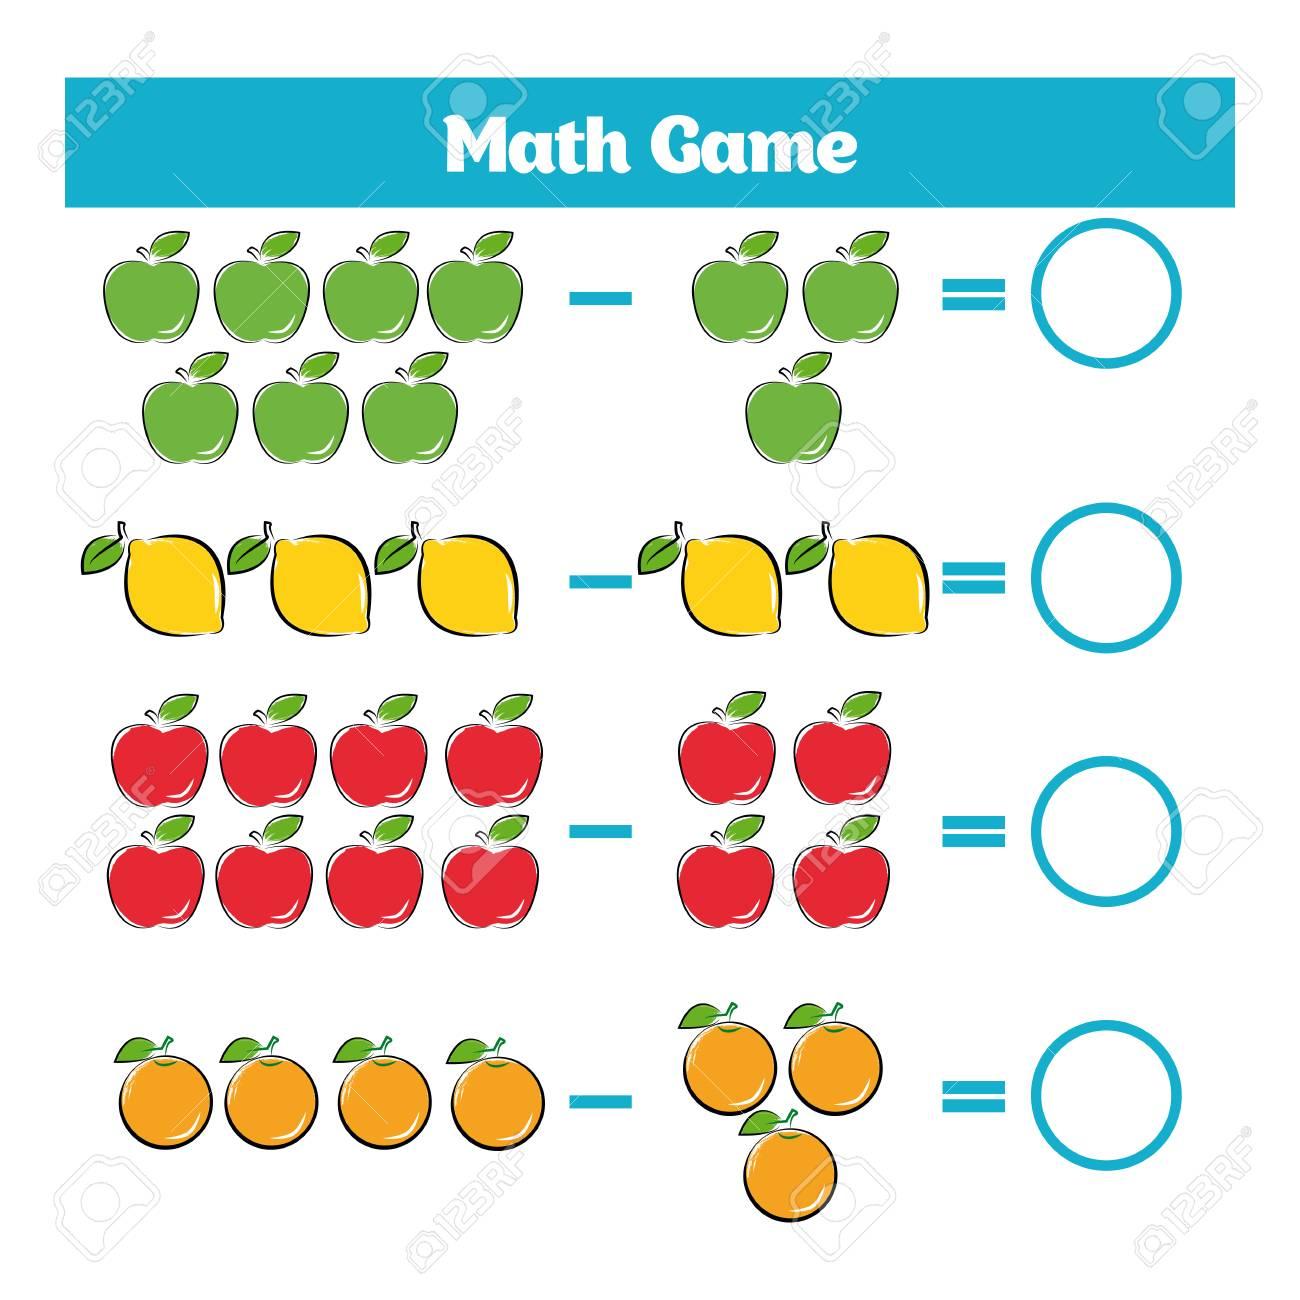 Juego Educativo Matemático Para Niños. Hoja De Trabajo De Resta De ...